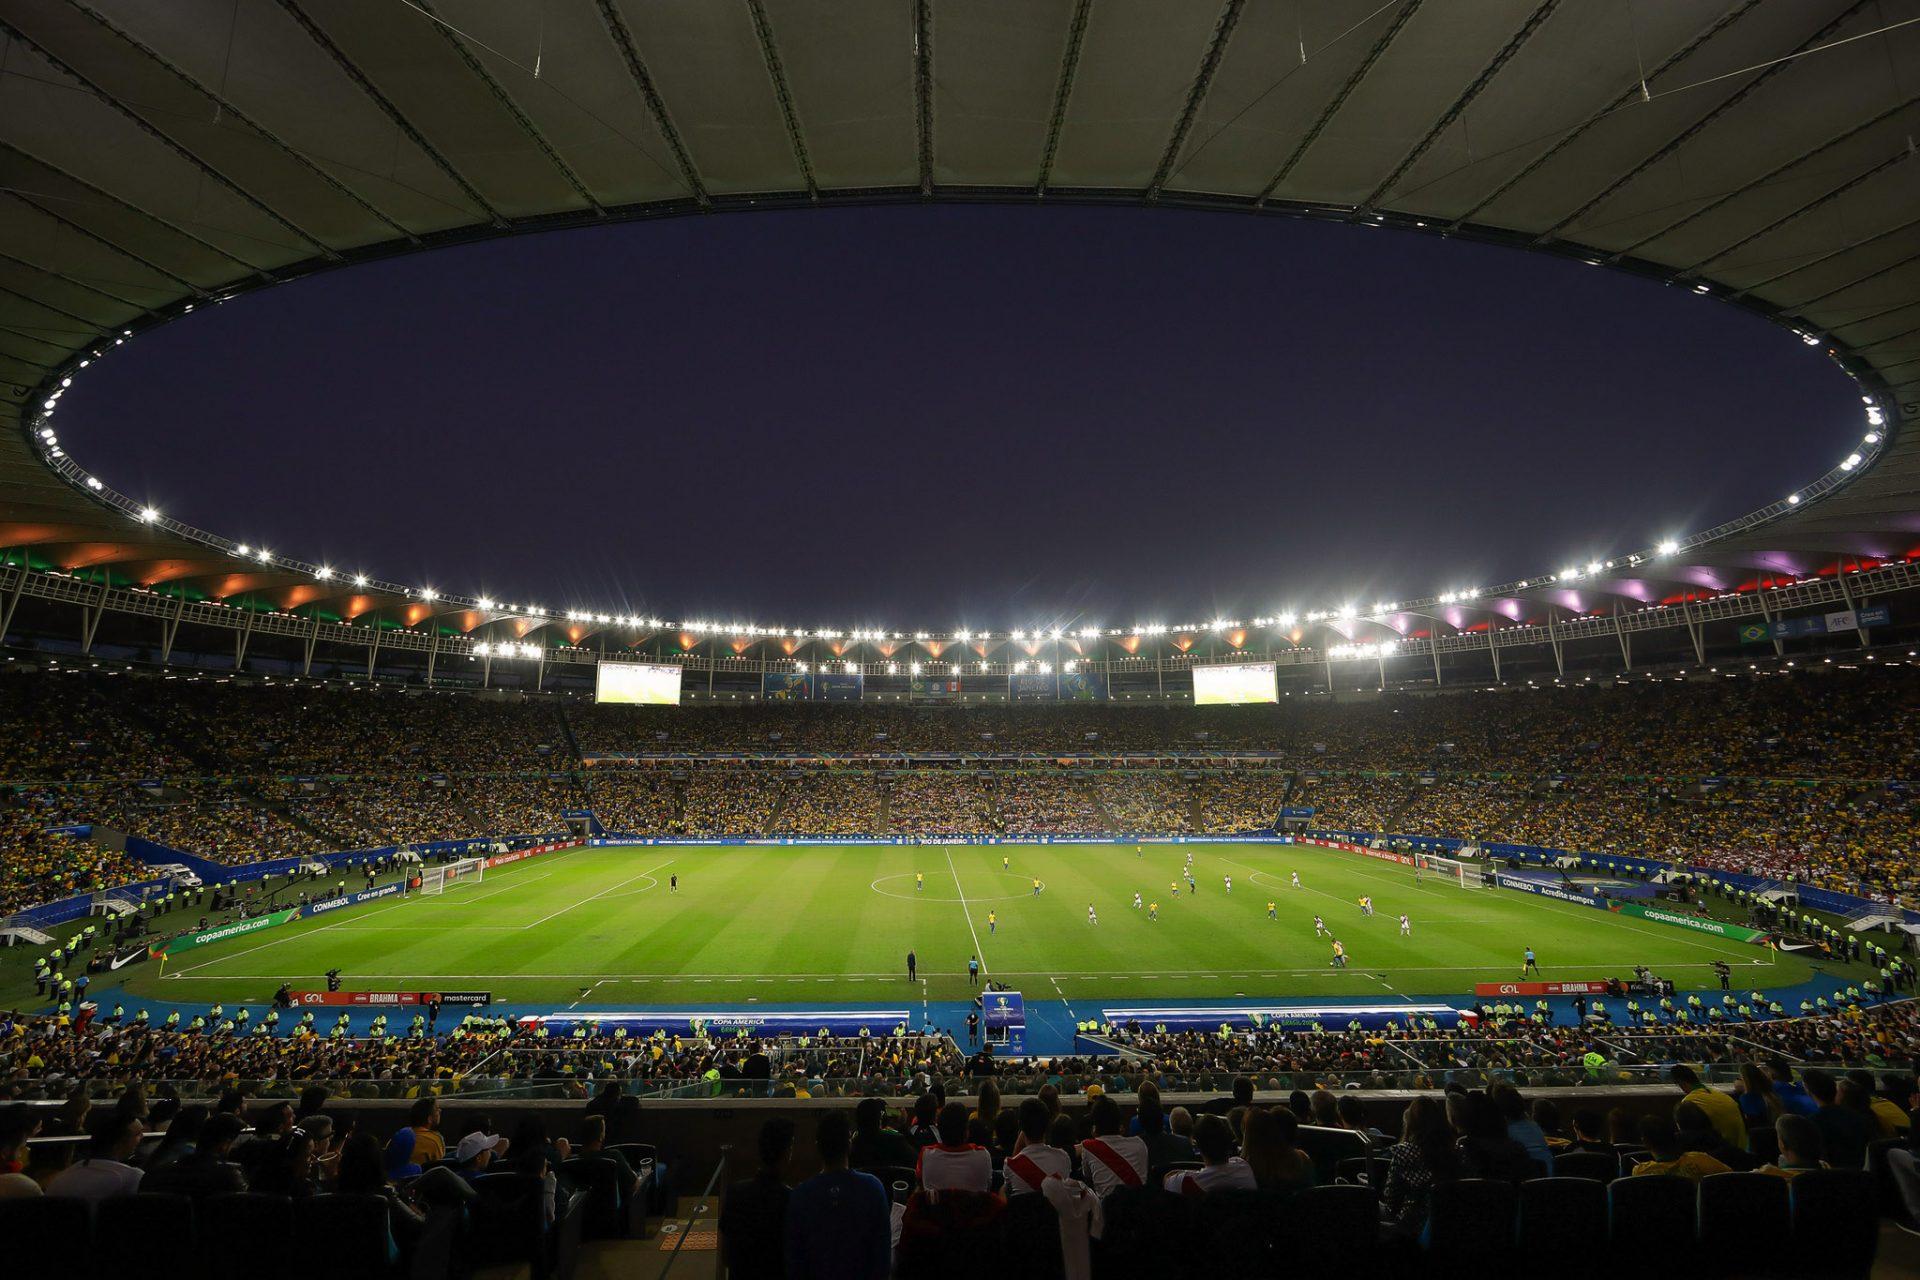 Conheça 4 estádios brasileiros que geram a própria energia elétrica